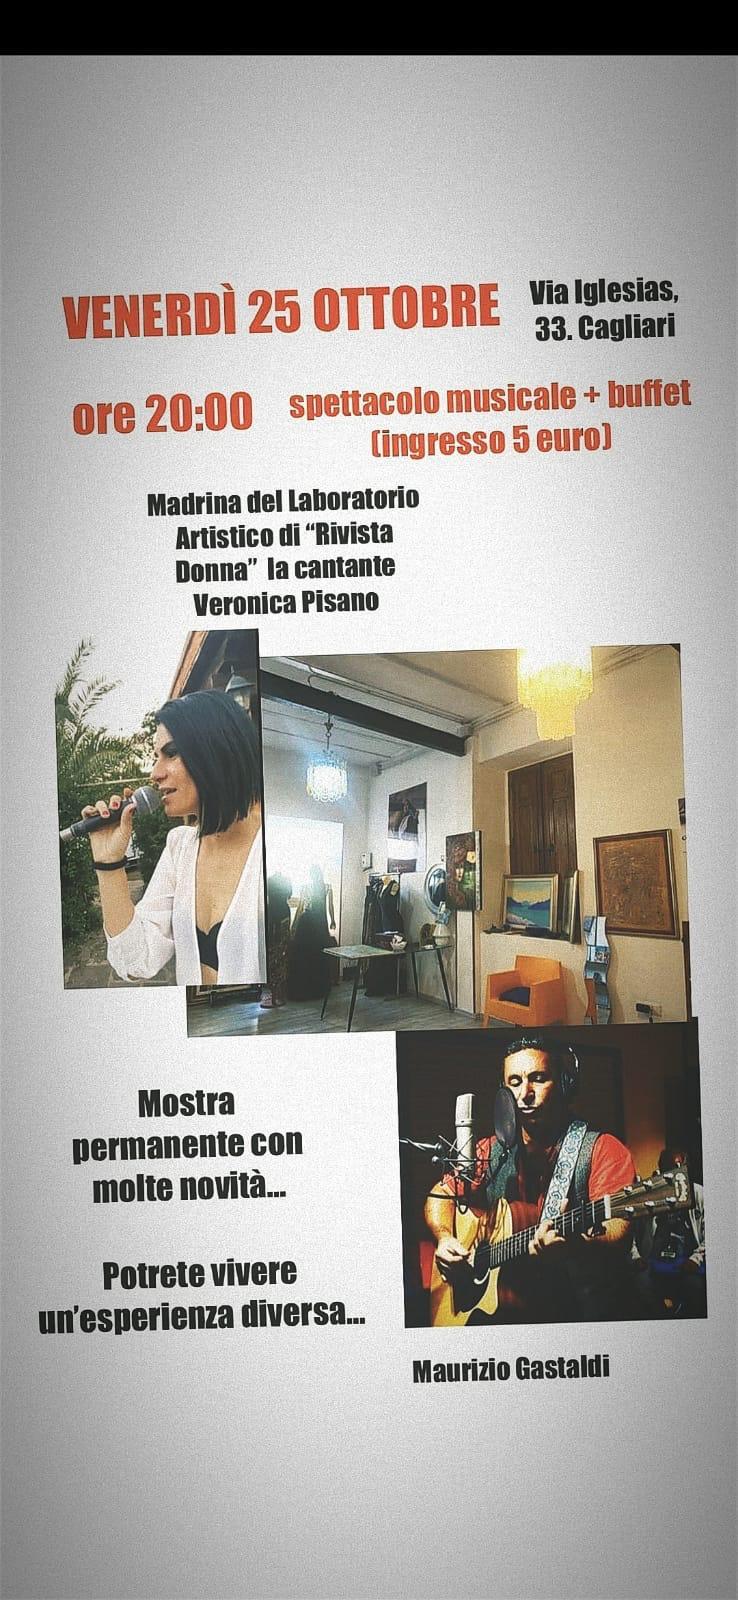 Spettacolo-Veronica-Pisano-RivistaDonna.com